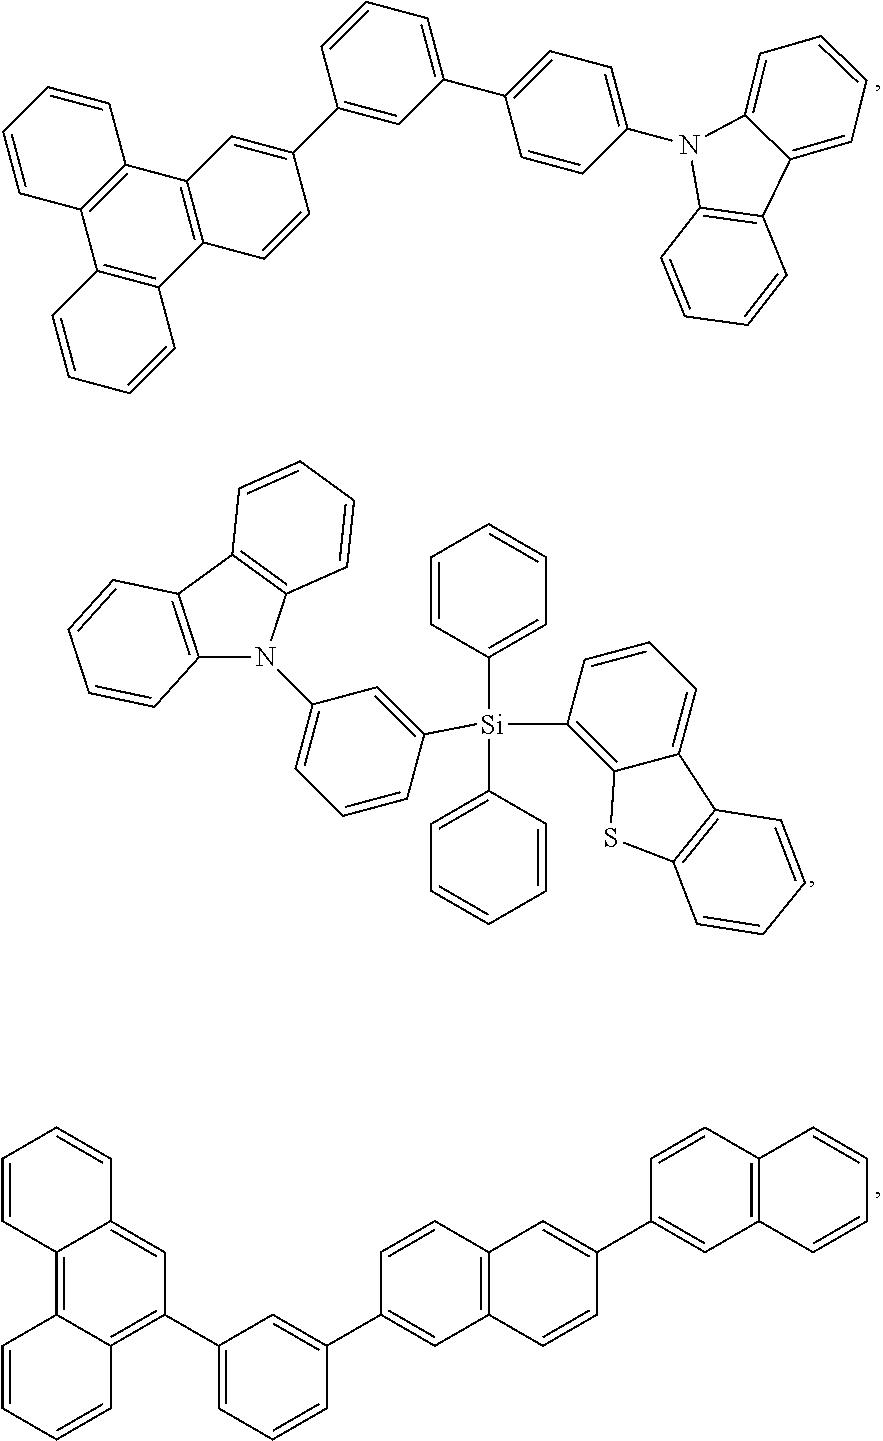 Figure US20180076393A1-20180315-C00052